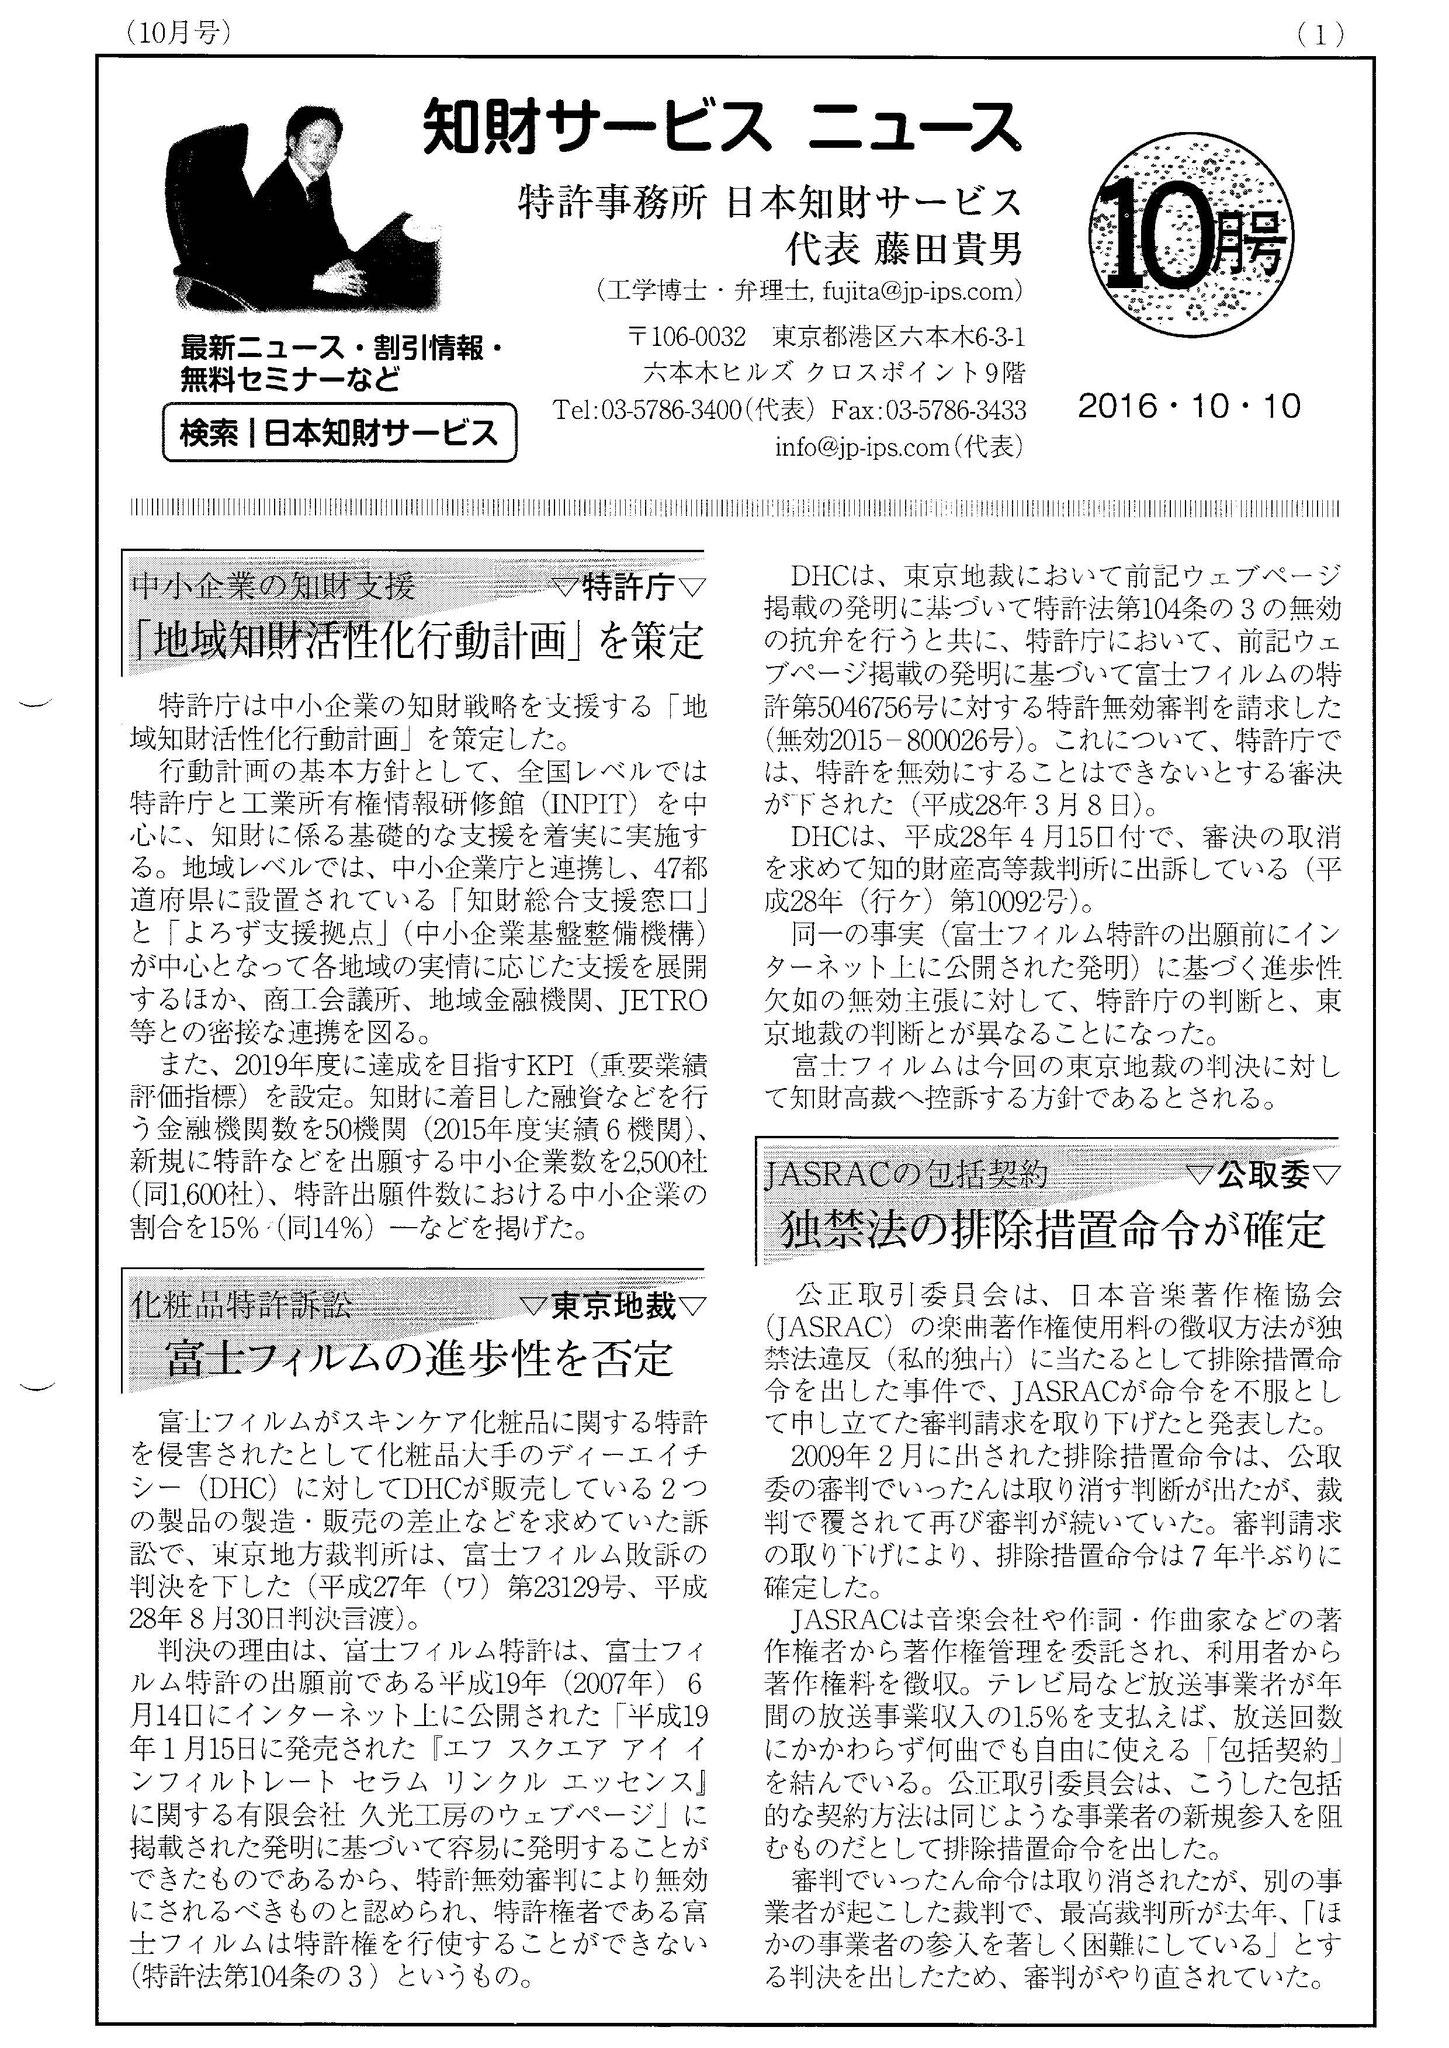 知財サービス 最新ニュース1